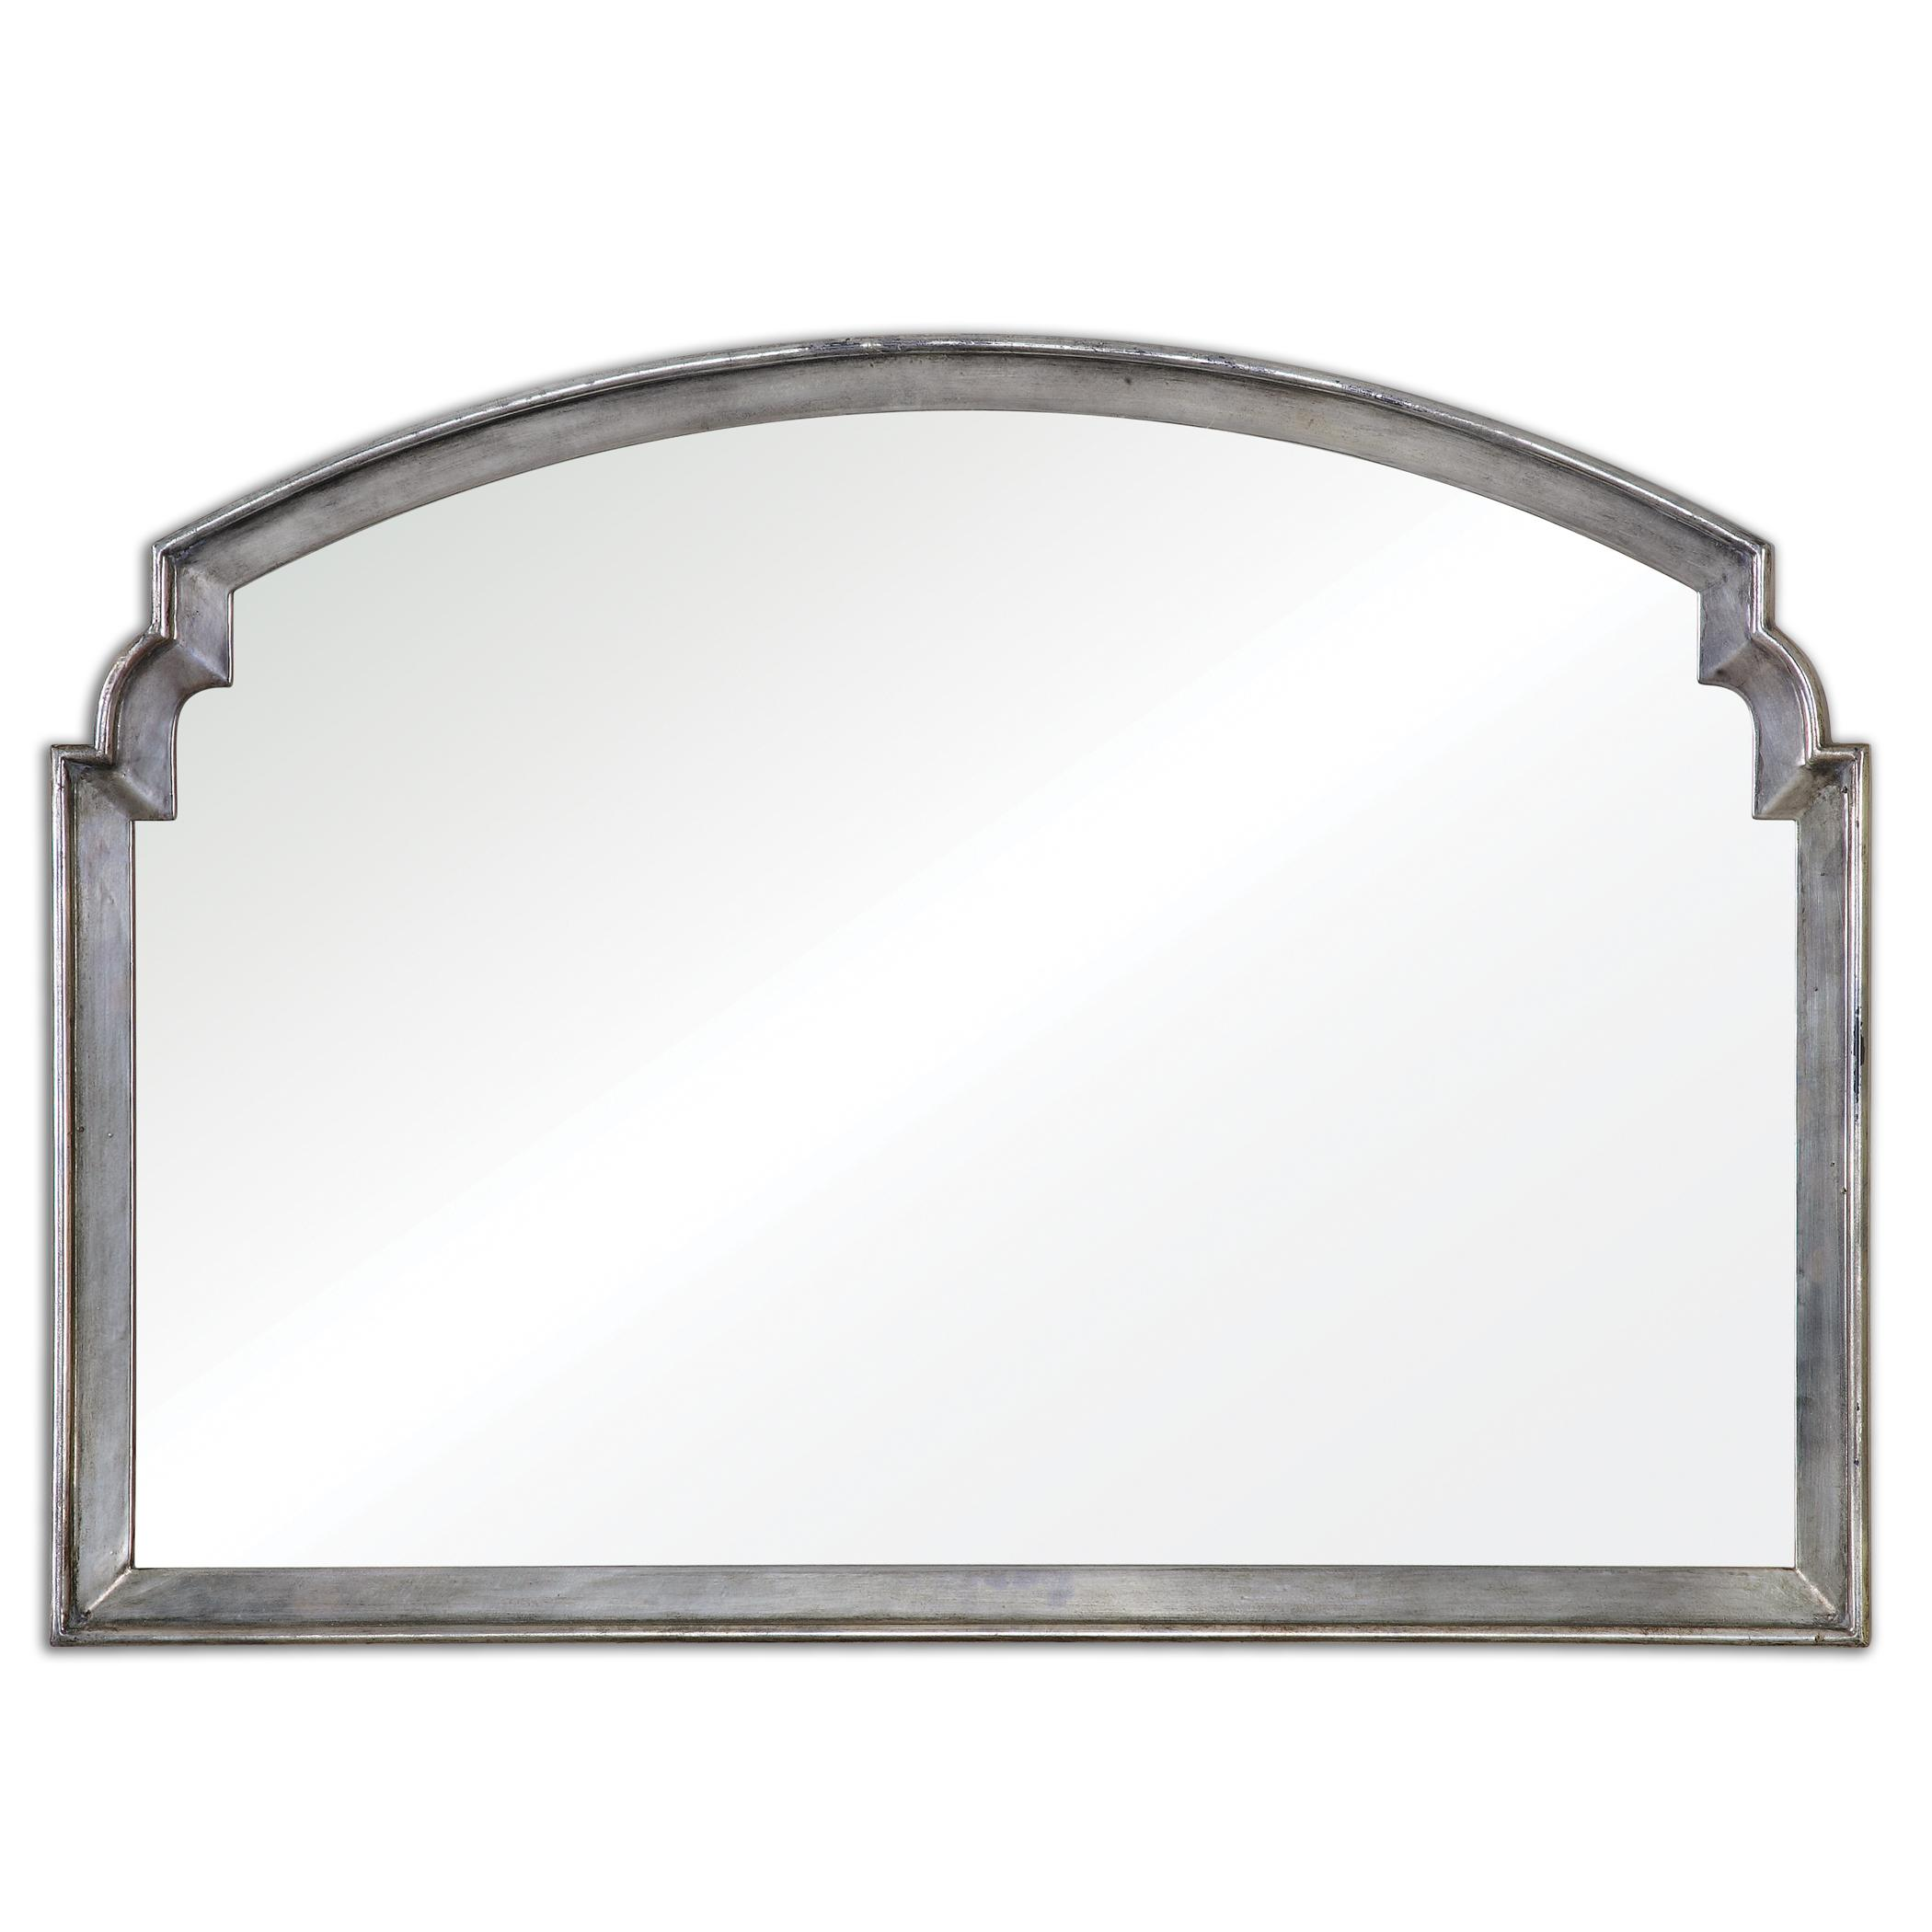 Uttermost Mirrors Via Della Silver Mirror - Item Number: 12880